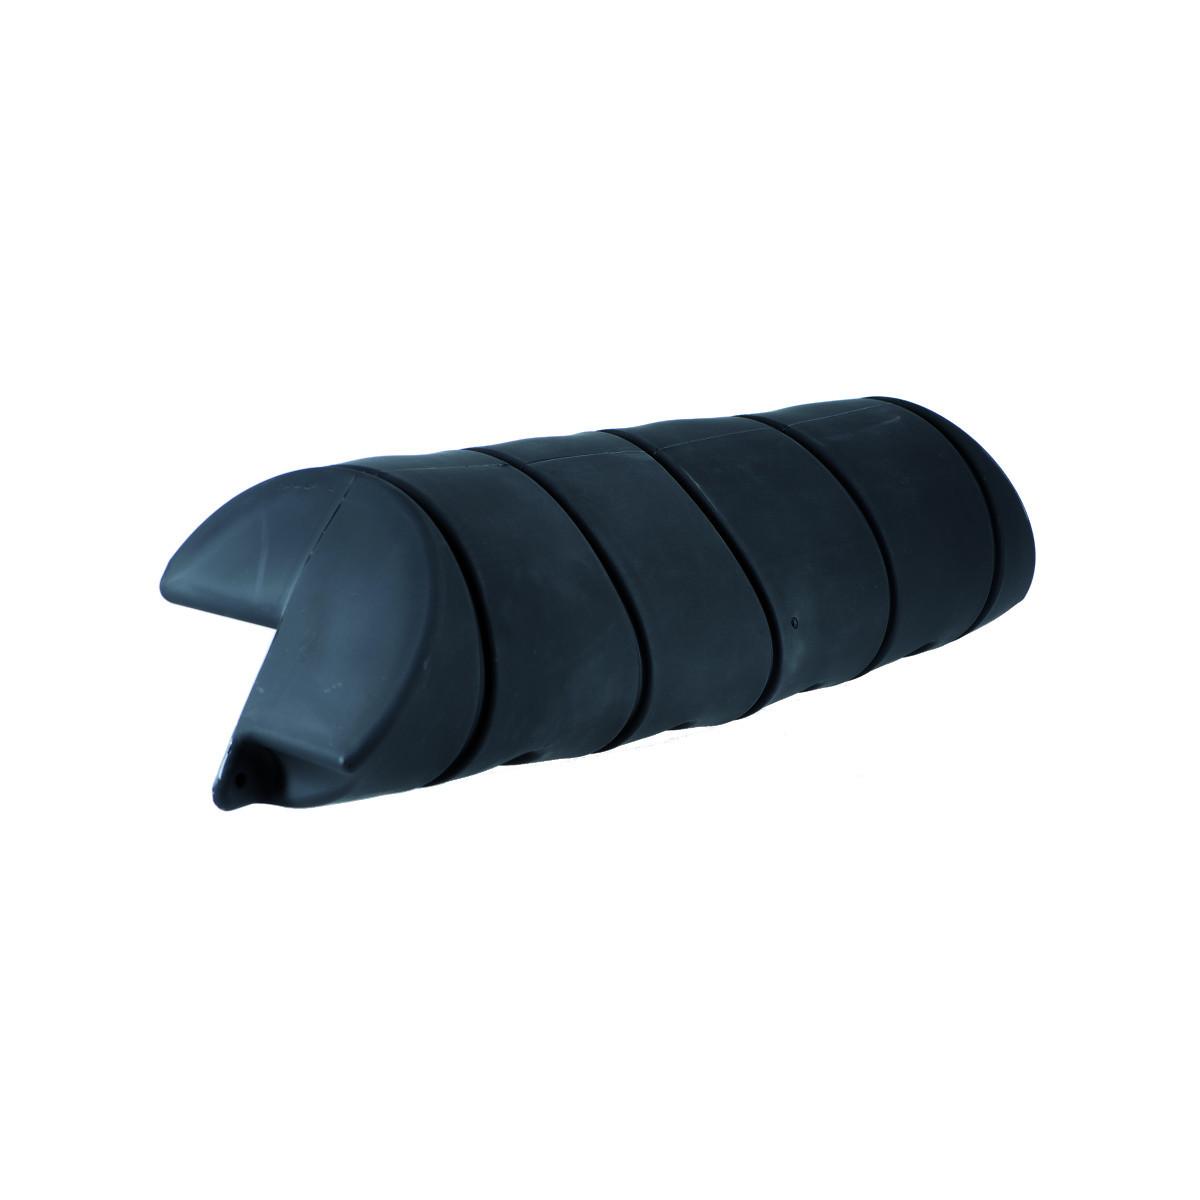 Stegfender Dick, Länge 110cm, Durchmesser 24cm - schwarz